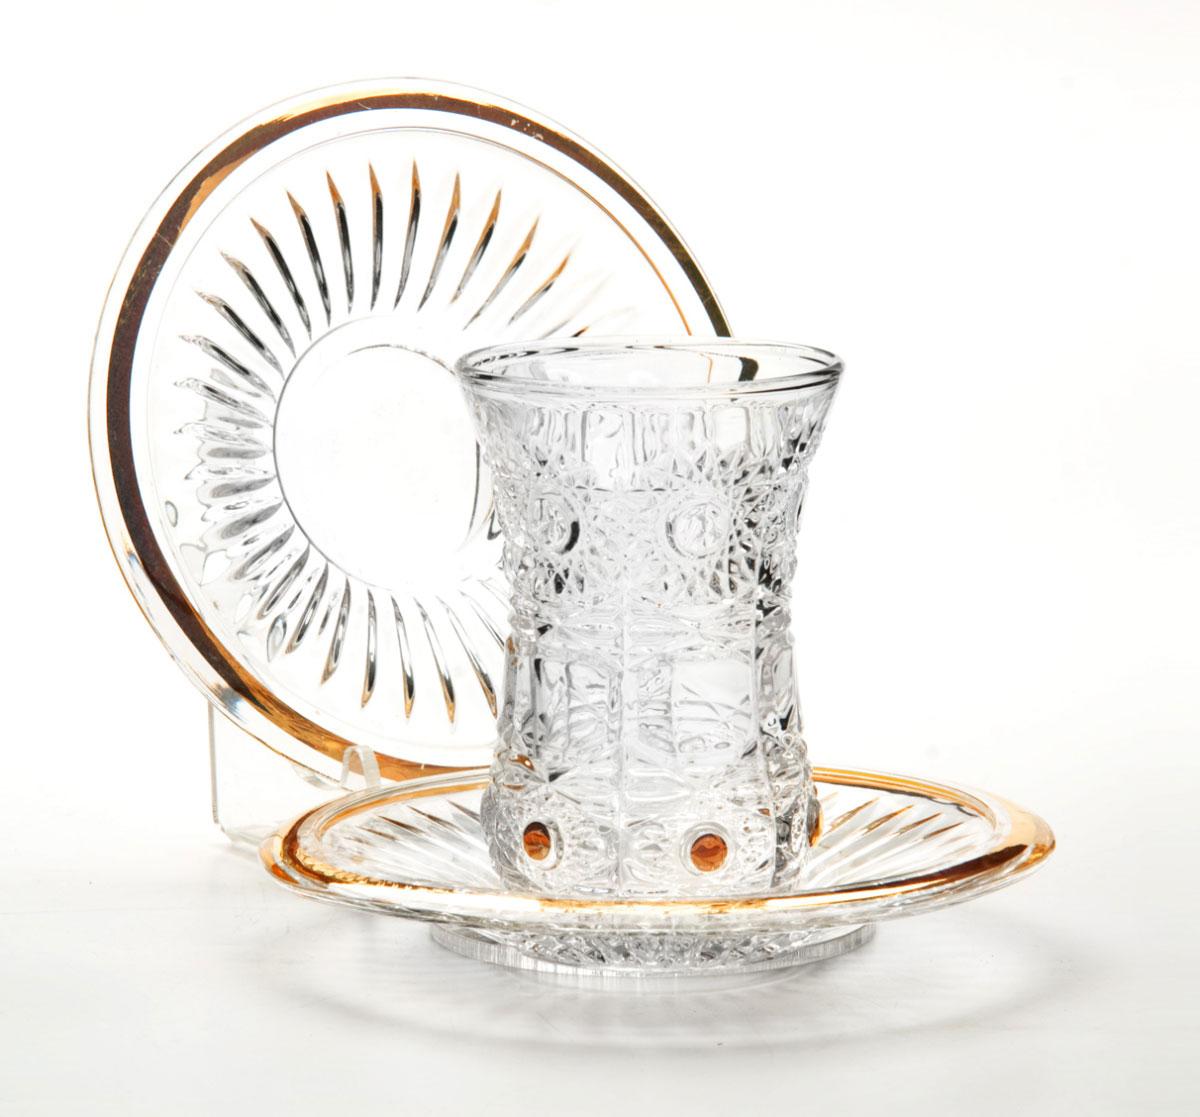 Набор стаканов Mayer & Boch, с блюдцами, 190 мл, 12 предметов24695Набор, состоящий из шести стаканов и шести блюдец, несомненно, придется вам по душе. Стаканы выполнены из высококачественного стекла в мягких тонах с оригинальным цветочным узором. Благодаря такому набору пить напитки будет еще вкуснее. Набор стаканов Loraine станет также отличным подарком на любой праздник. Подходит для горячих и холодных напитков.